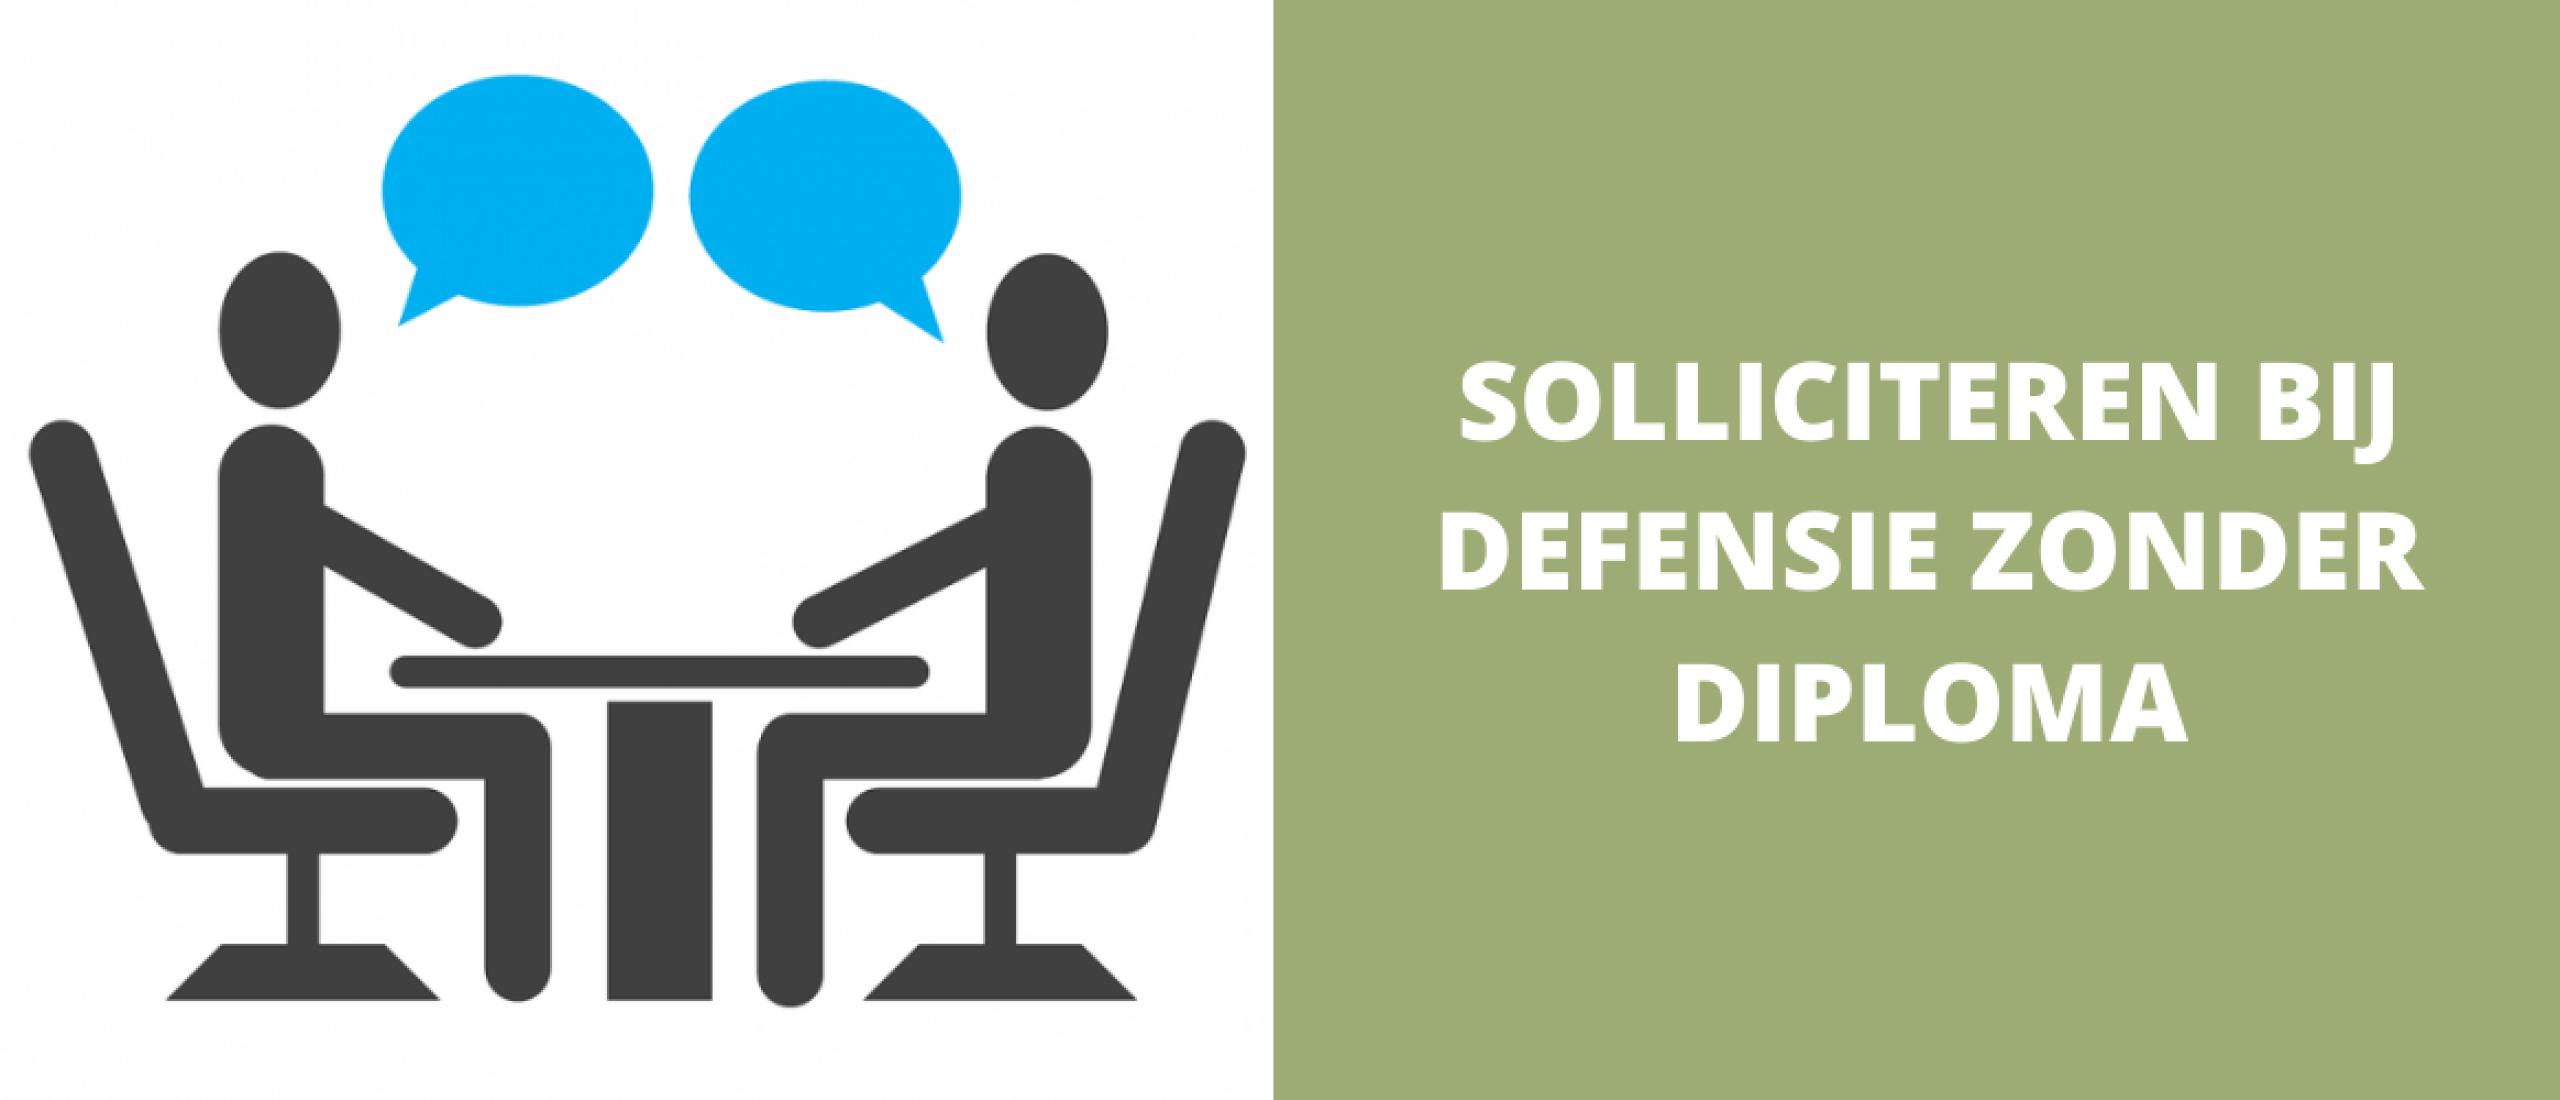 Solliciteren bij Defensie zonder diploma